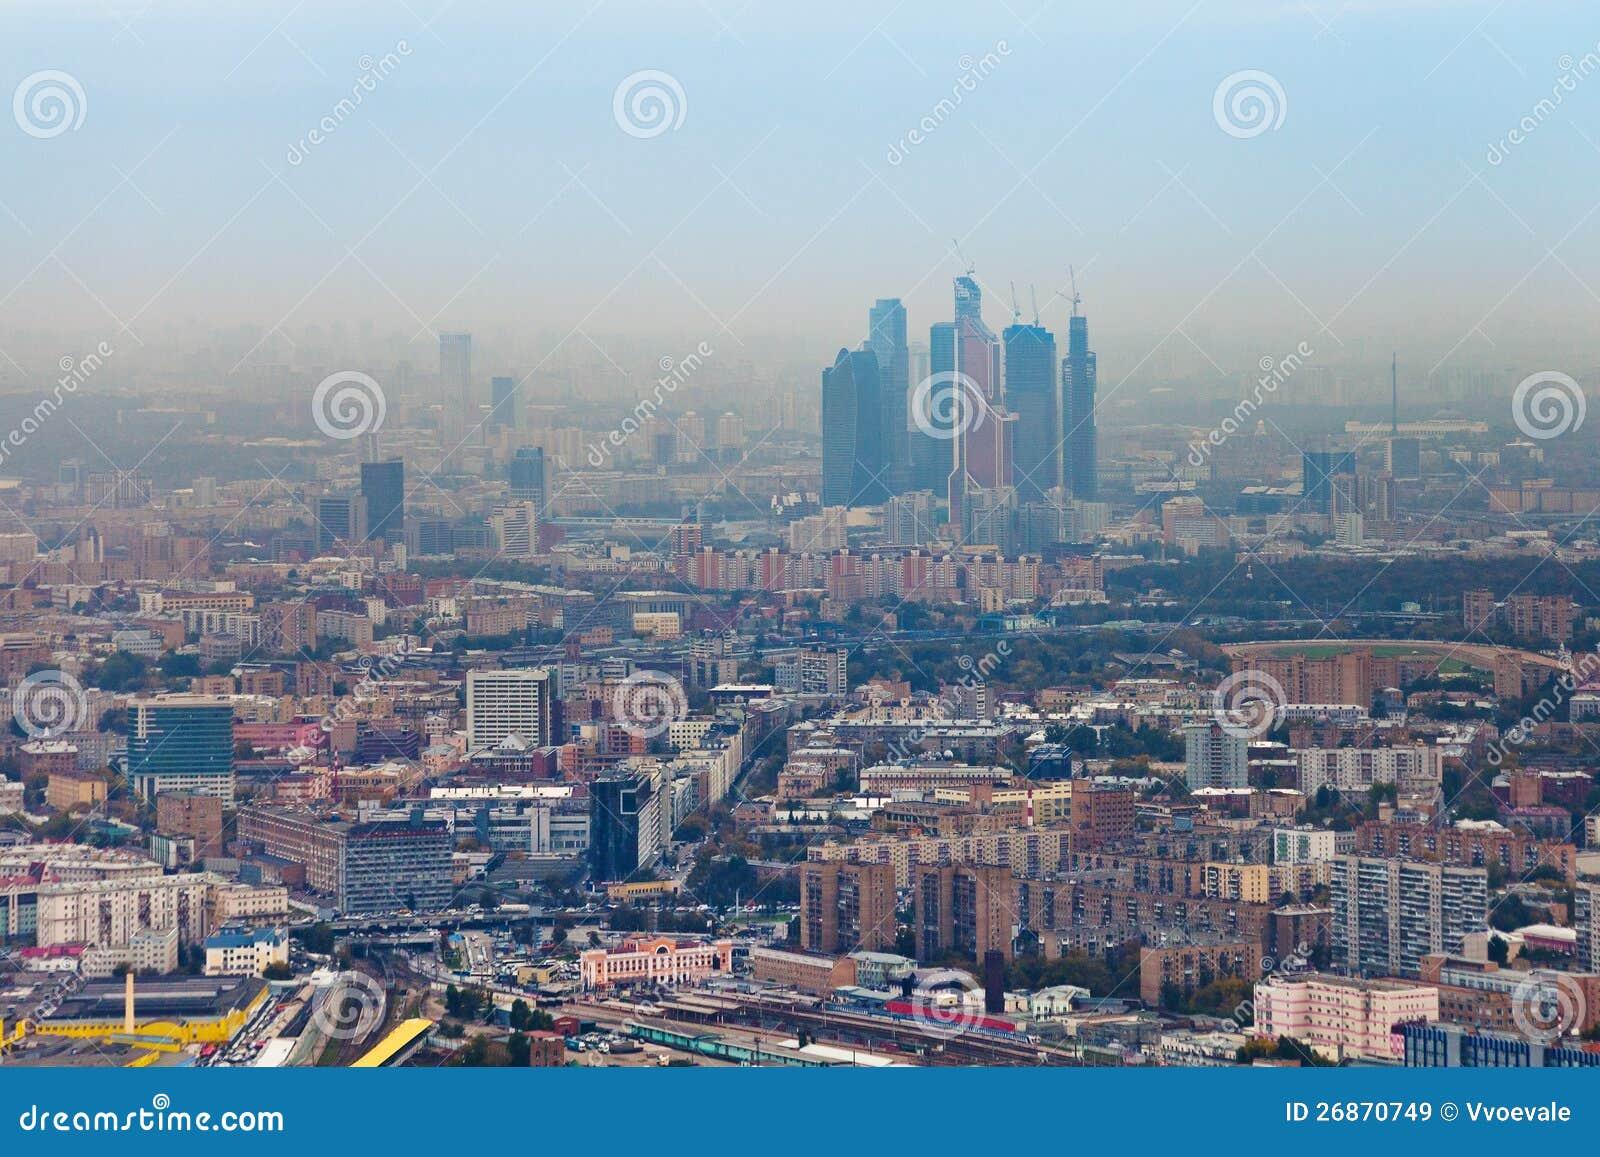 De Stad en cityscape van Moskou in de dag van de smogherfst